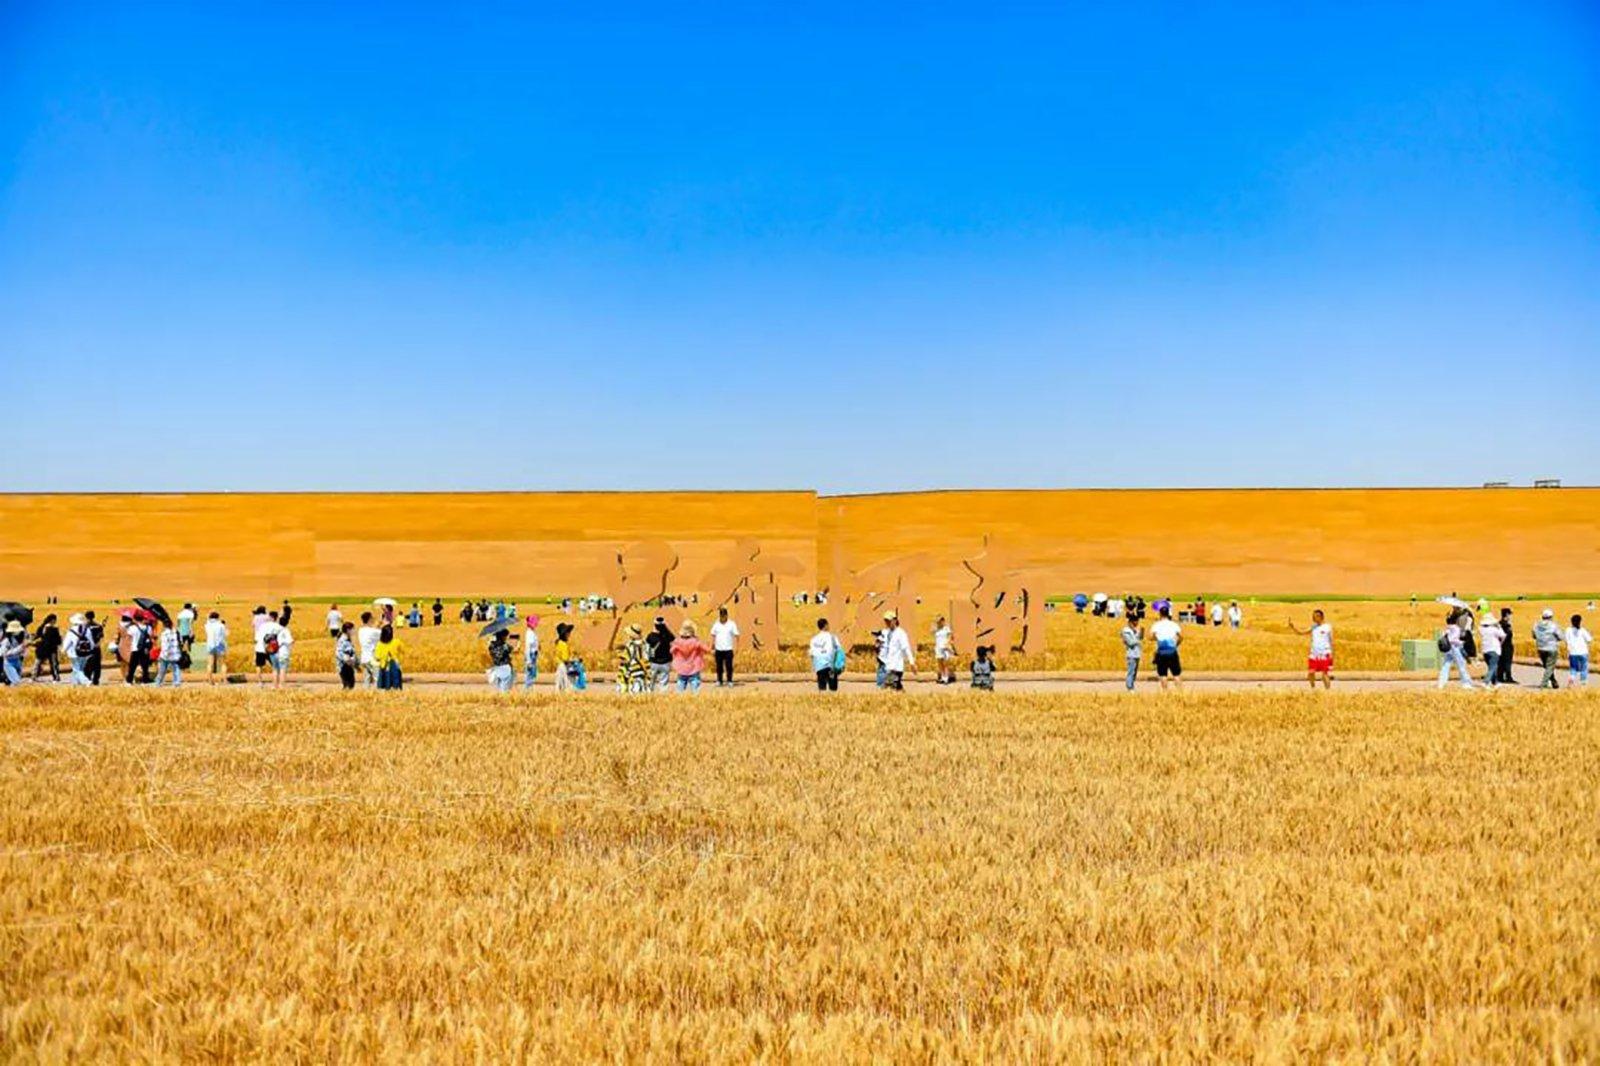 328米見方的巨型城廓以黃土和麥子為主要設計語彙。